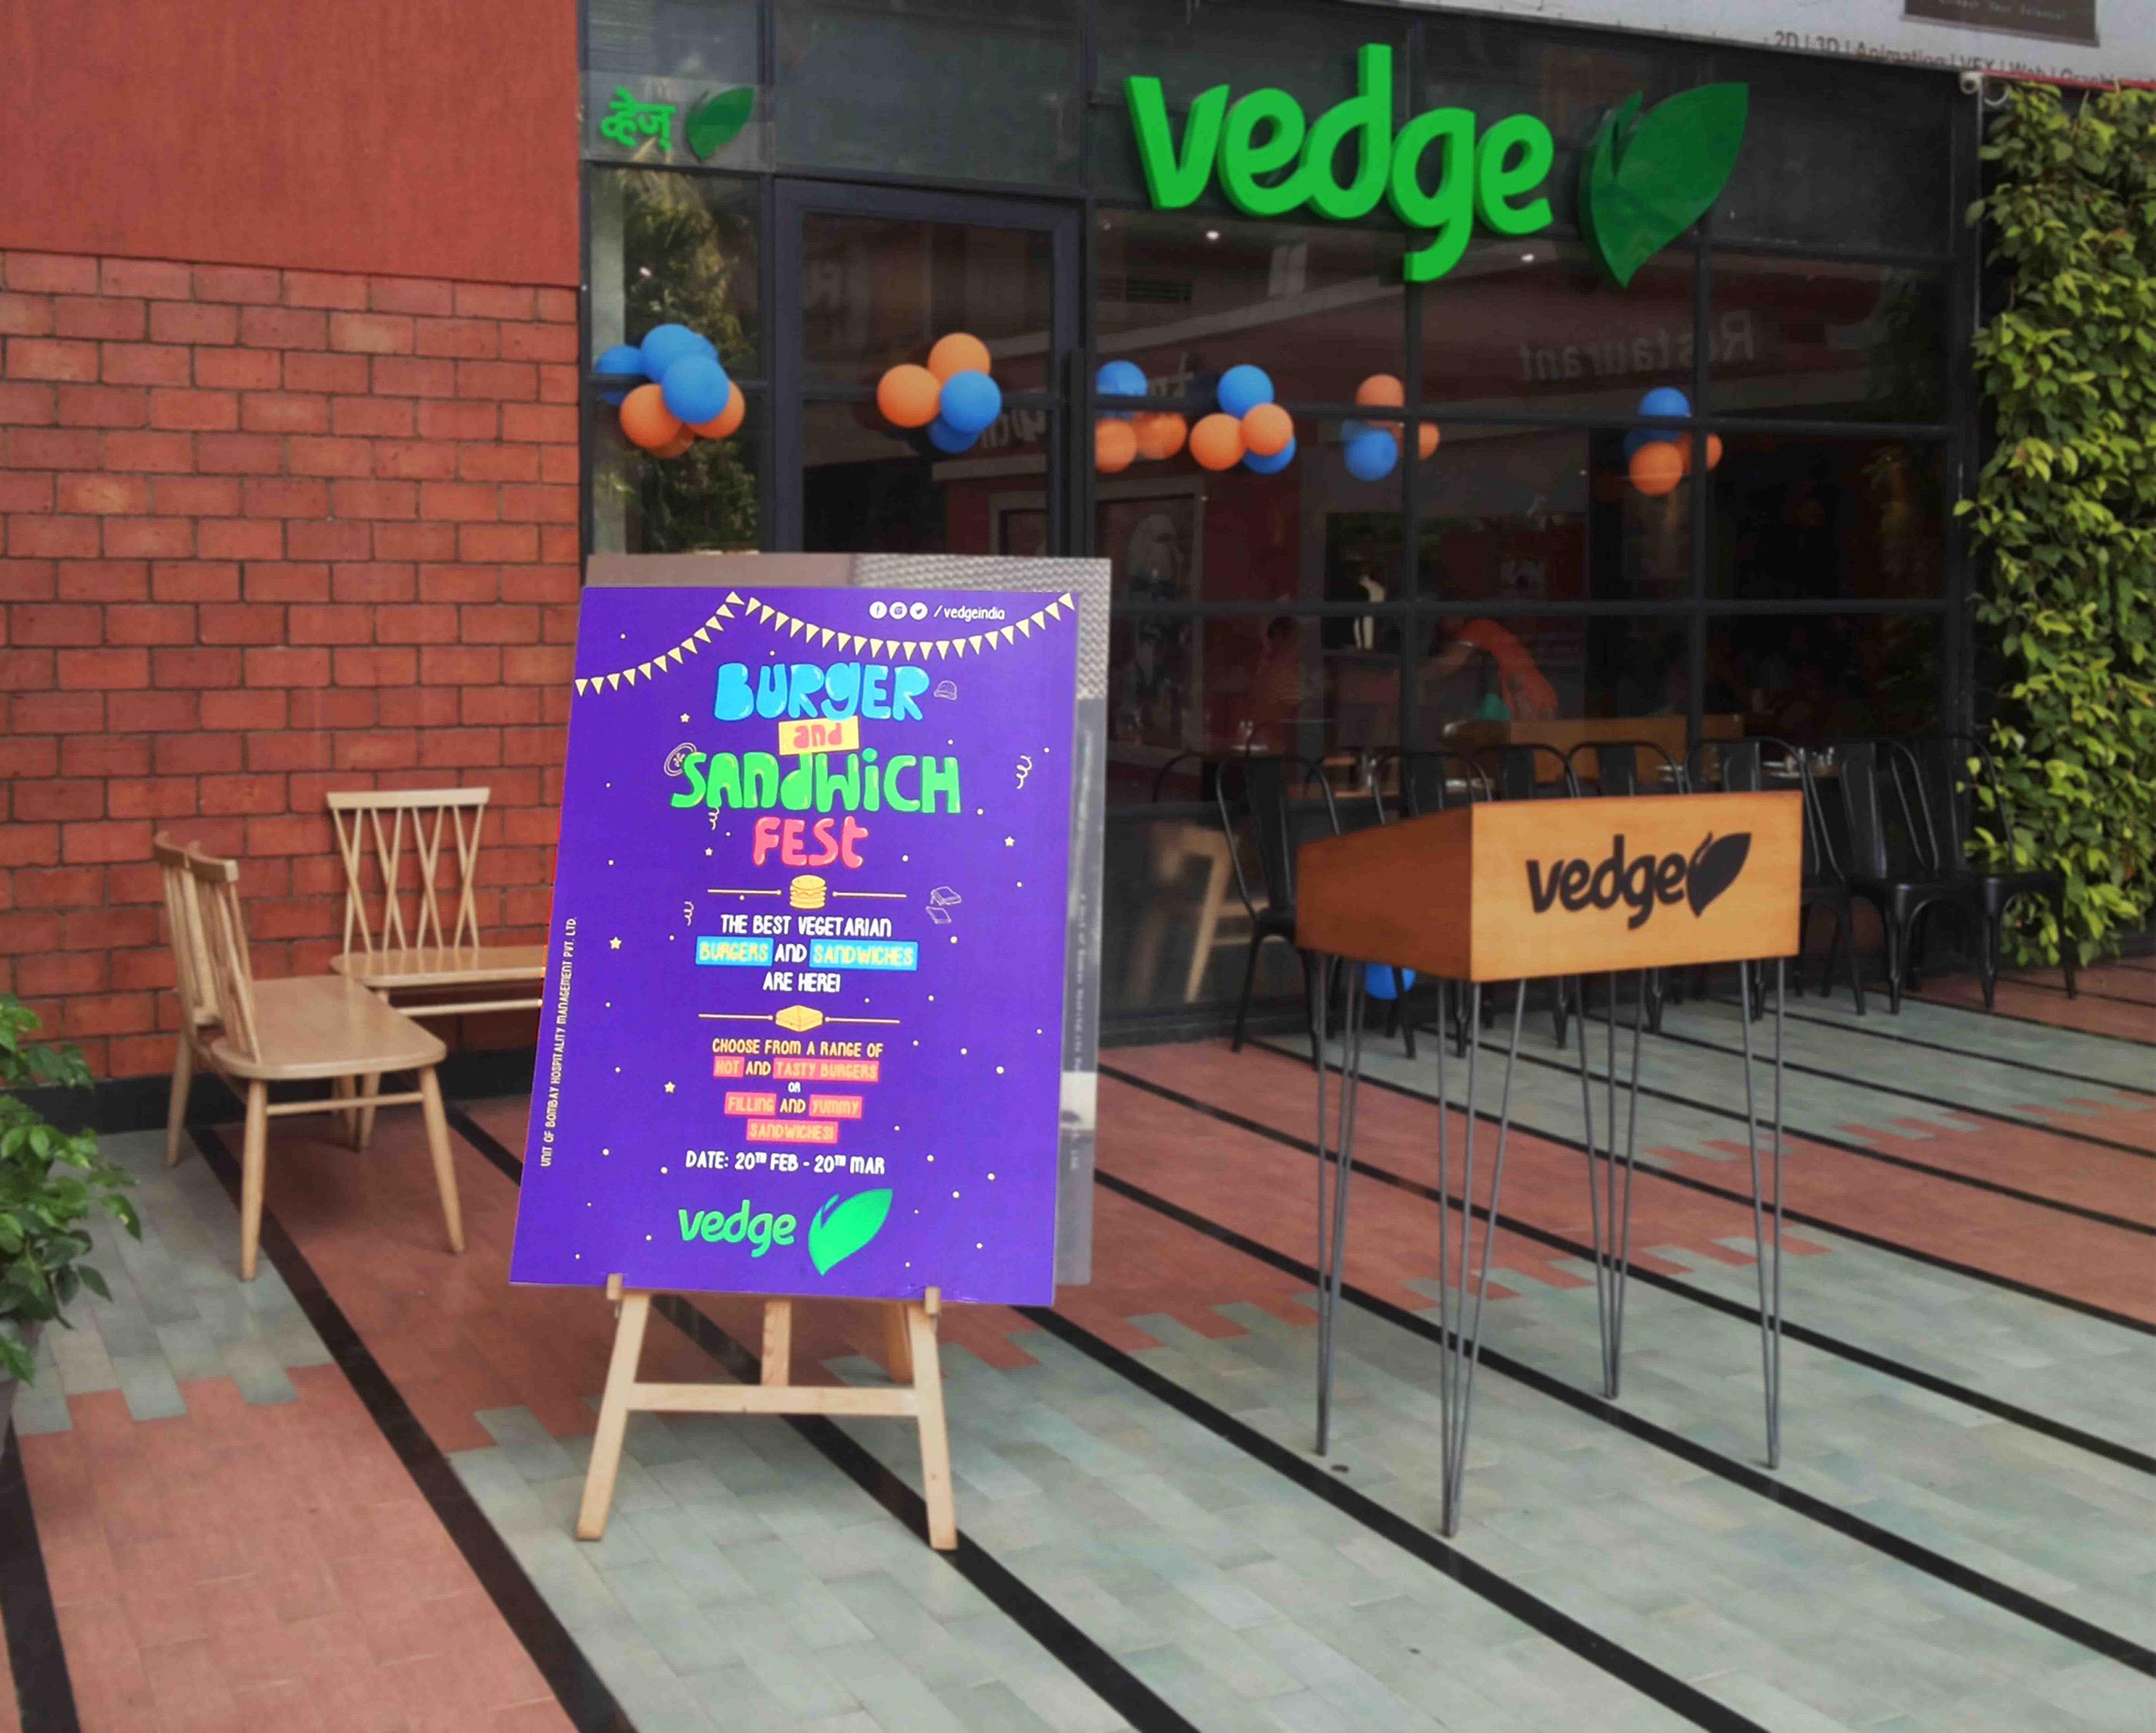 Burger & Sandwich Fest :: Vedge Restaurant on Behance